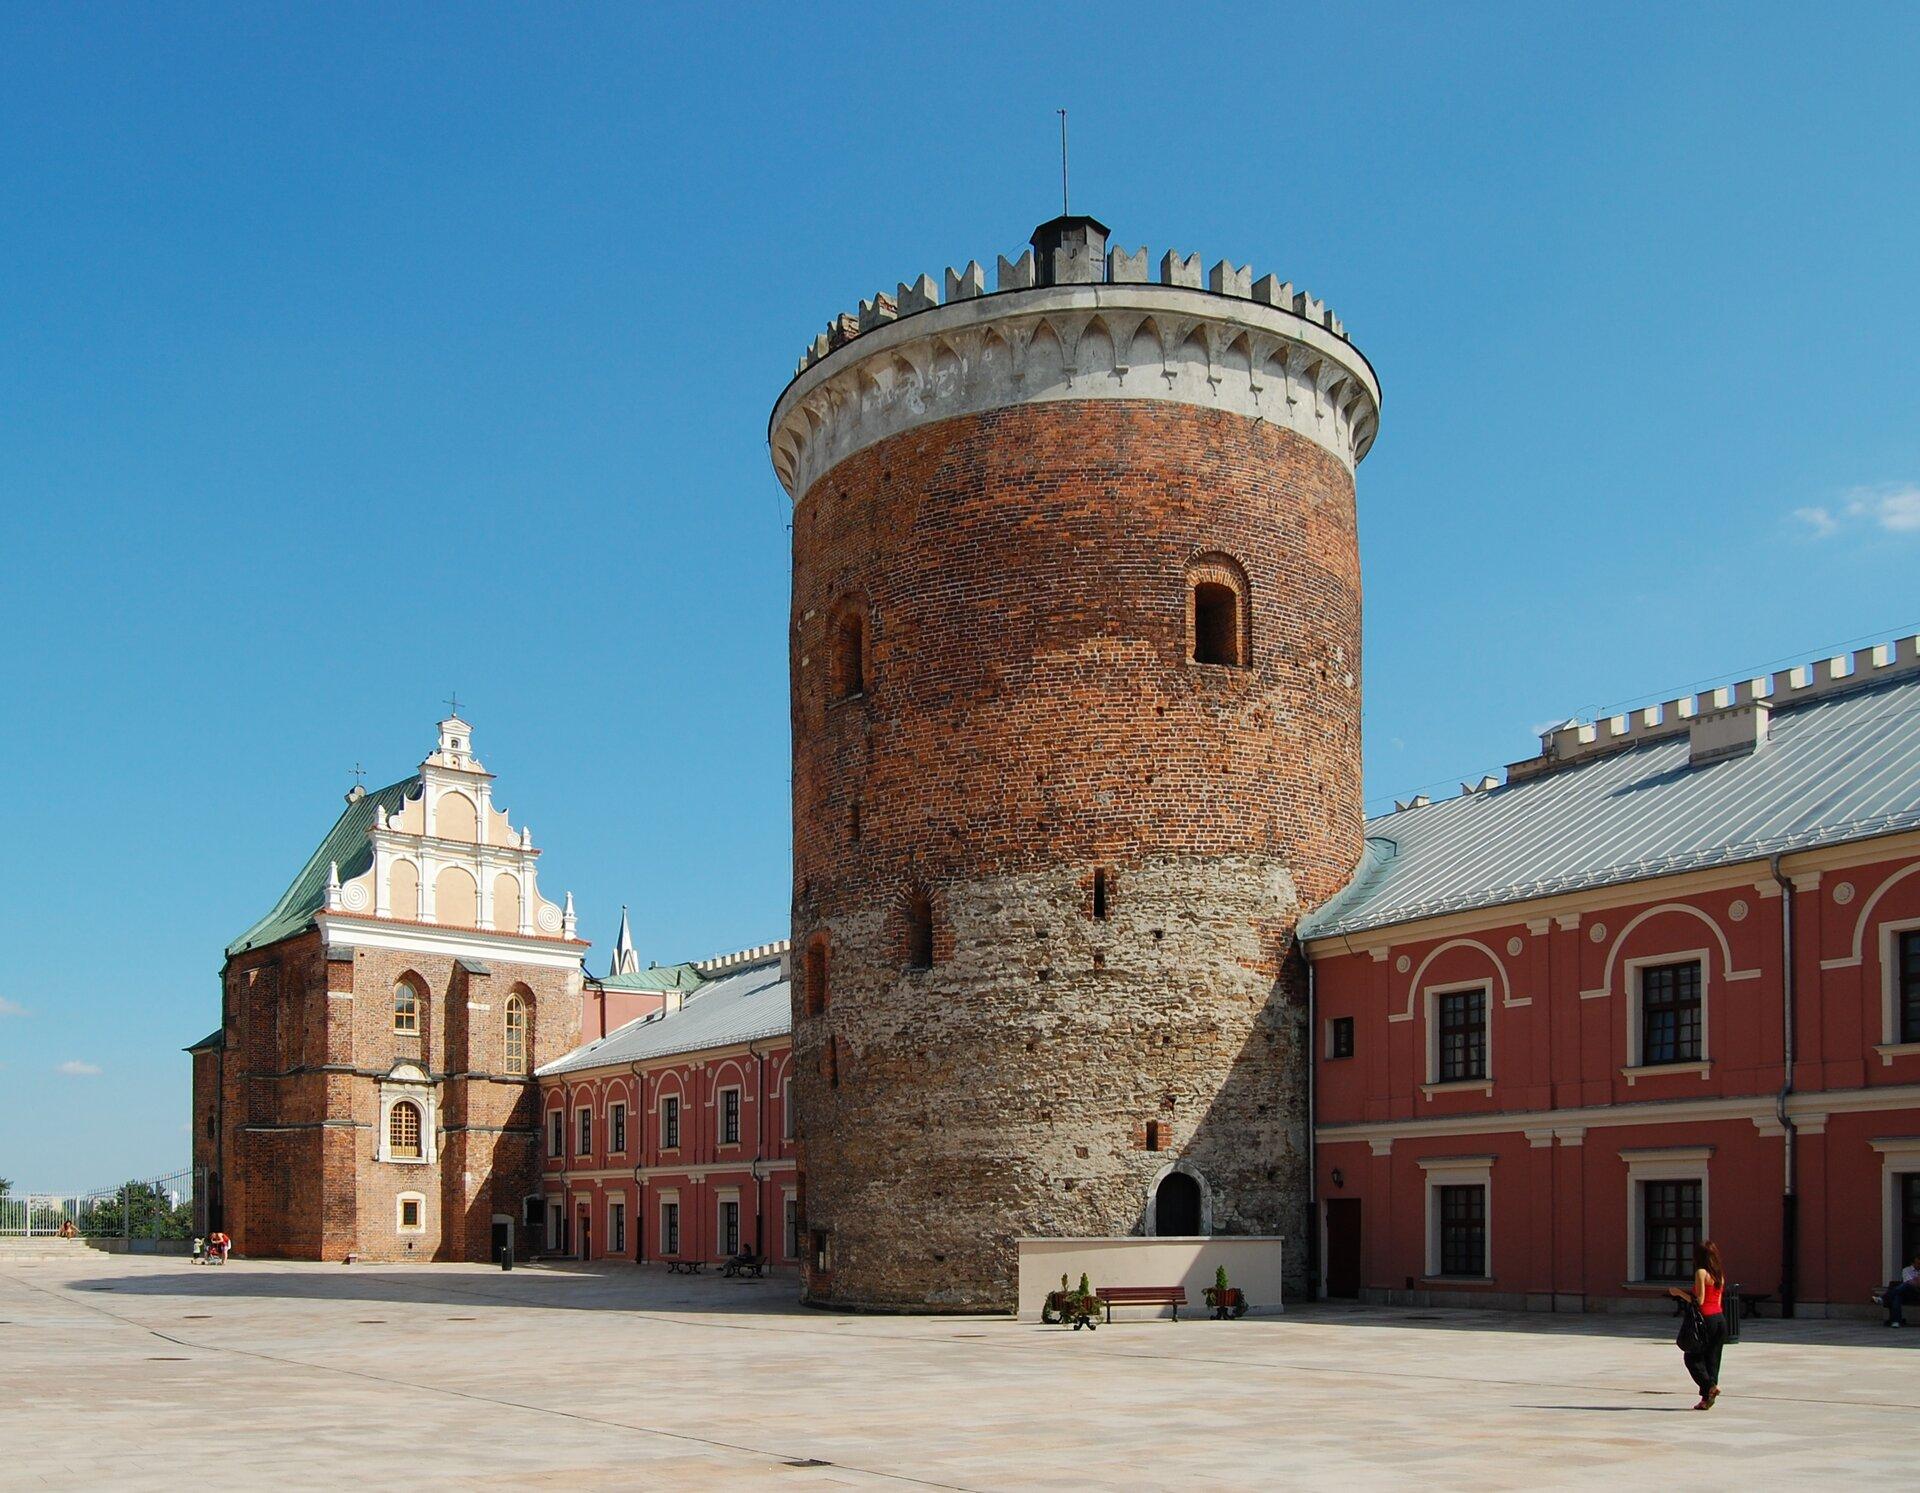 Dziedziniec zamku wLublinie zkaplicą św. Trójcy. Źródło: Marcin Białek, Dziedziniec zamku wLublinie zkaplicą św. Trójcy., 2009, fotografia, licencja: CC BY-SA 4.0.